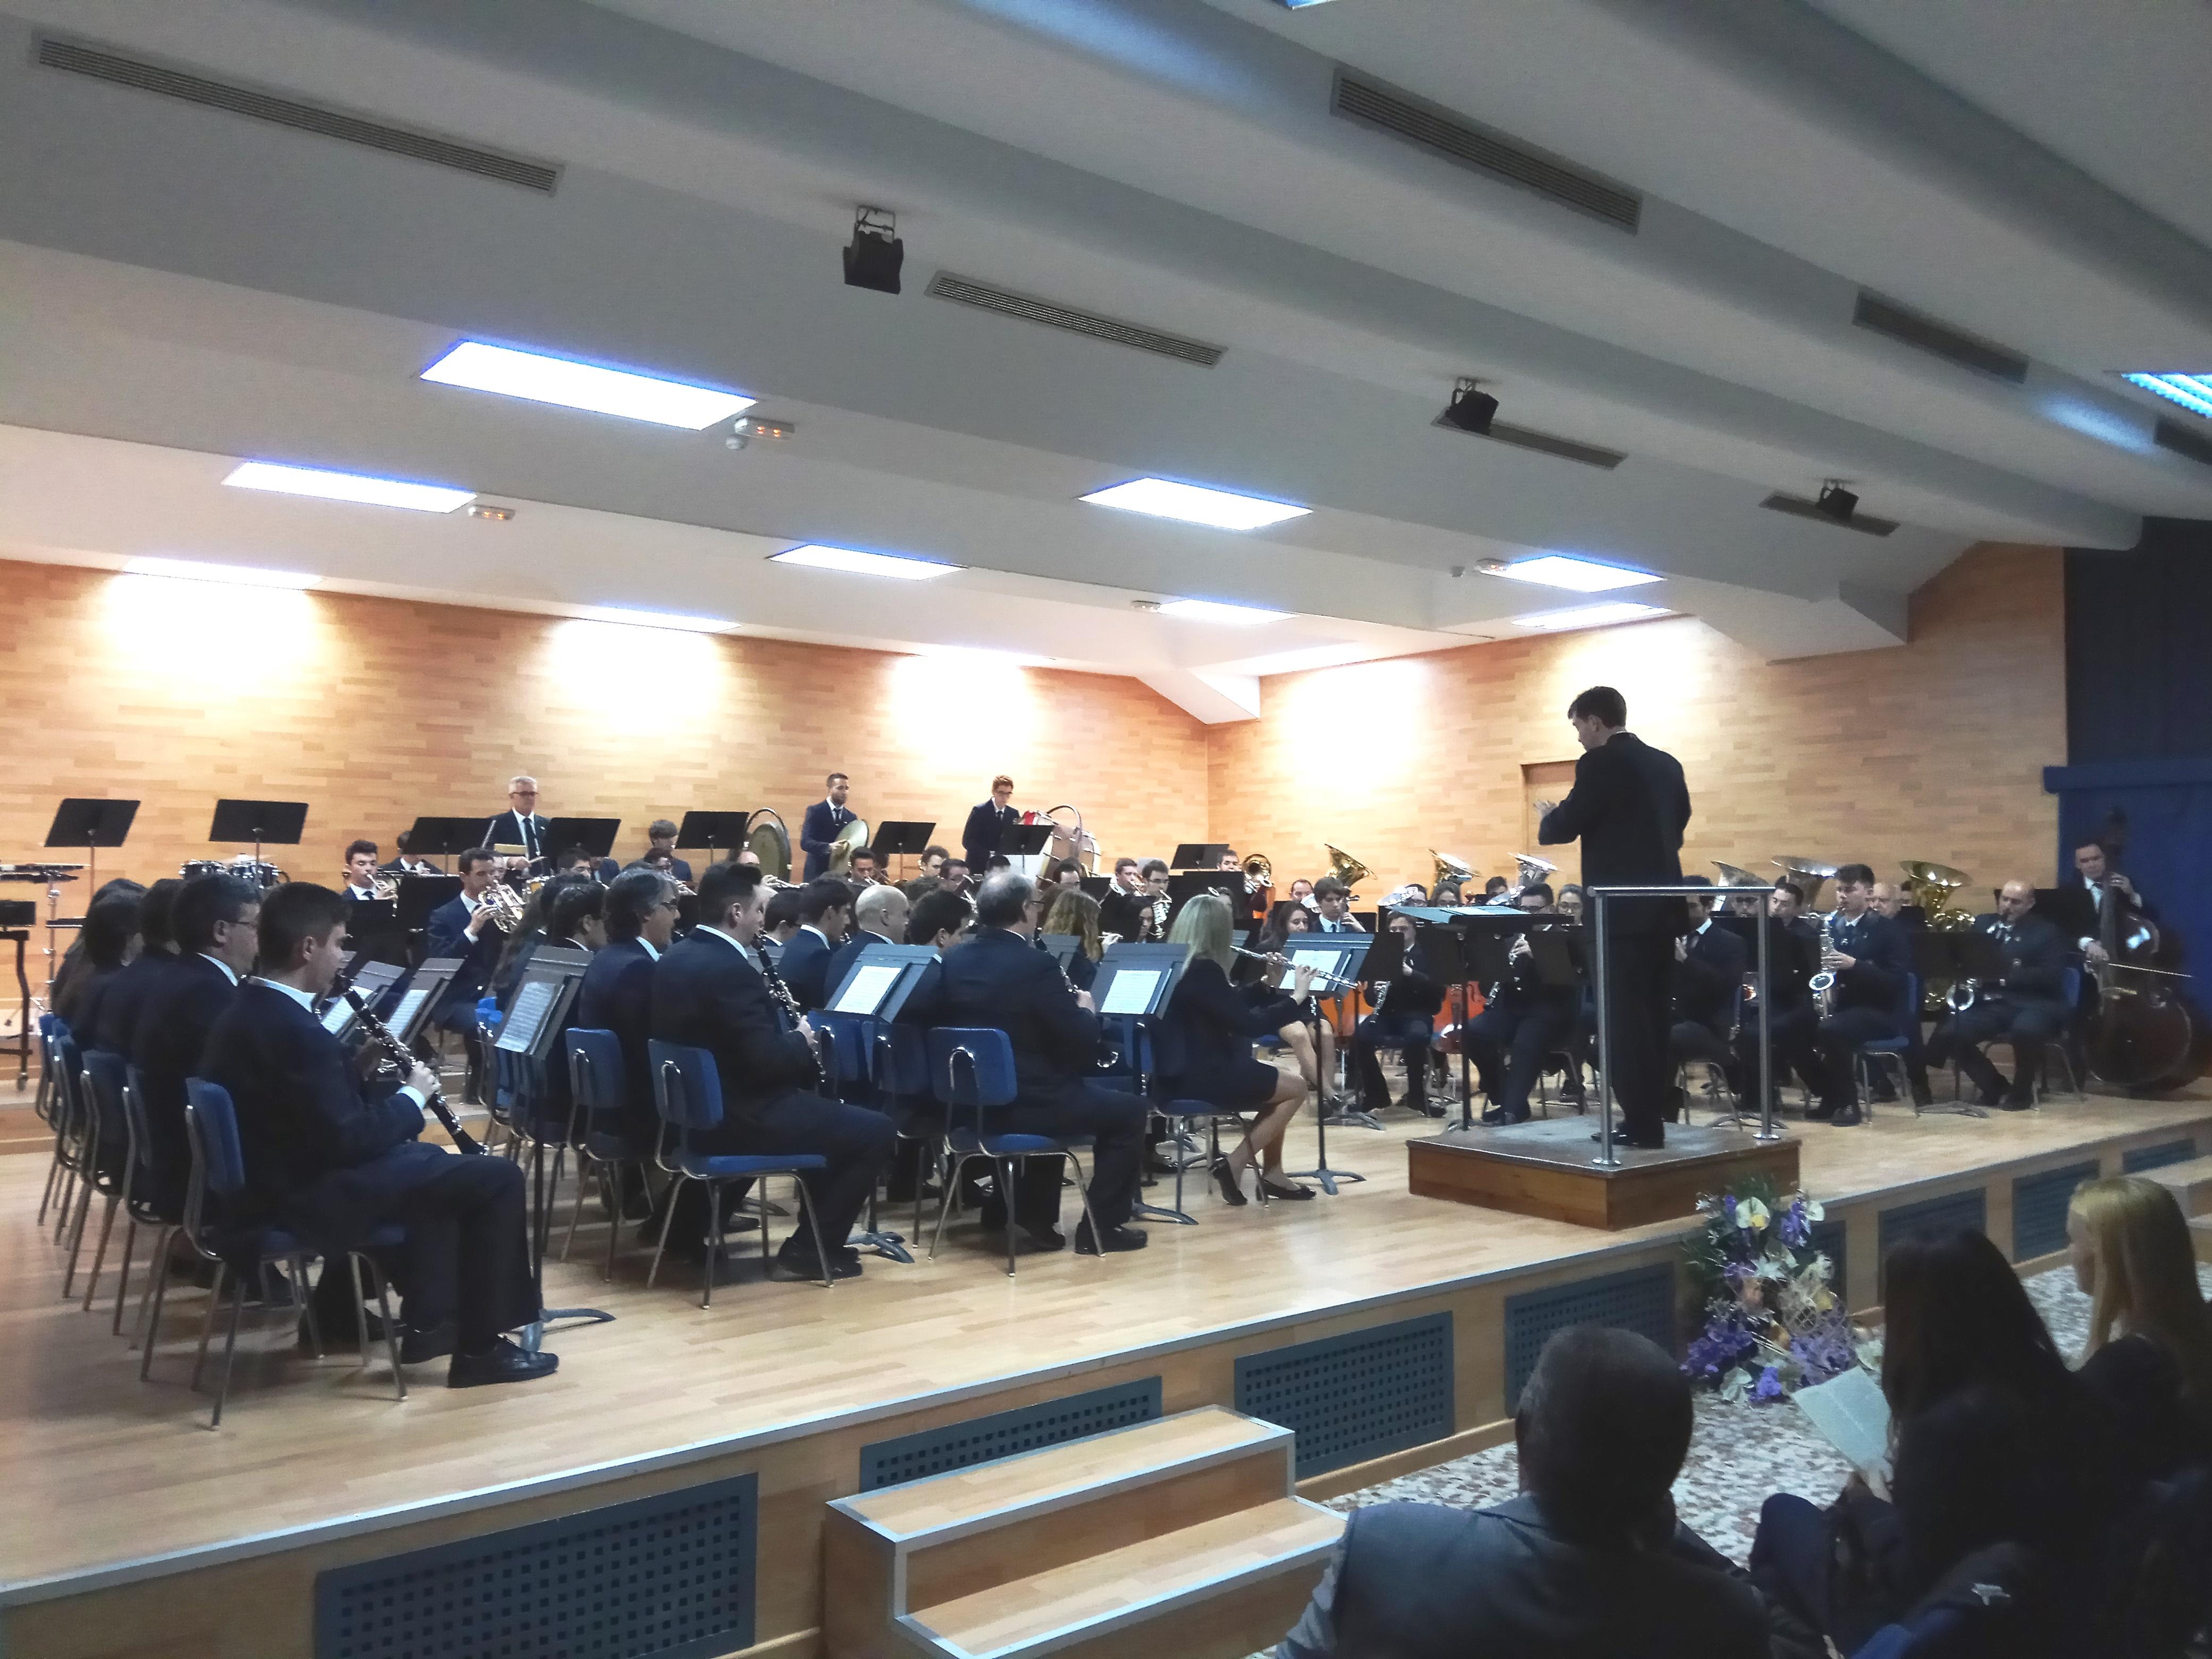 Banda sinfónica de la Unión Musical Santa Cecilia (UMSC) de Villar del Arzobispo.